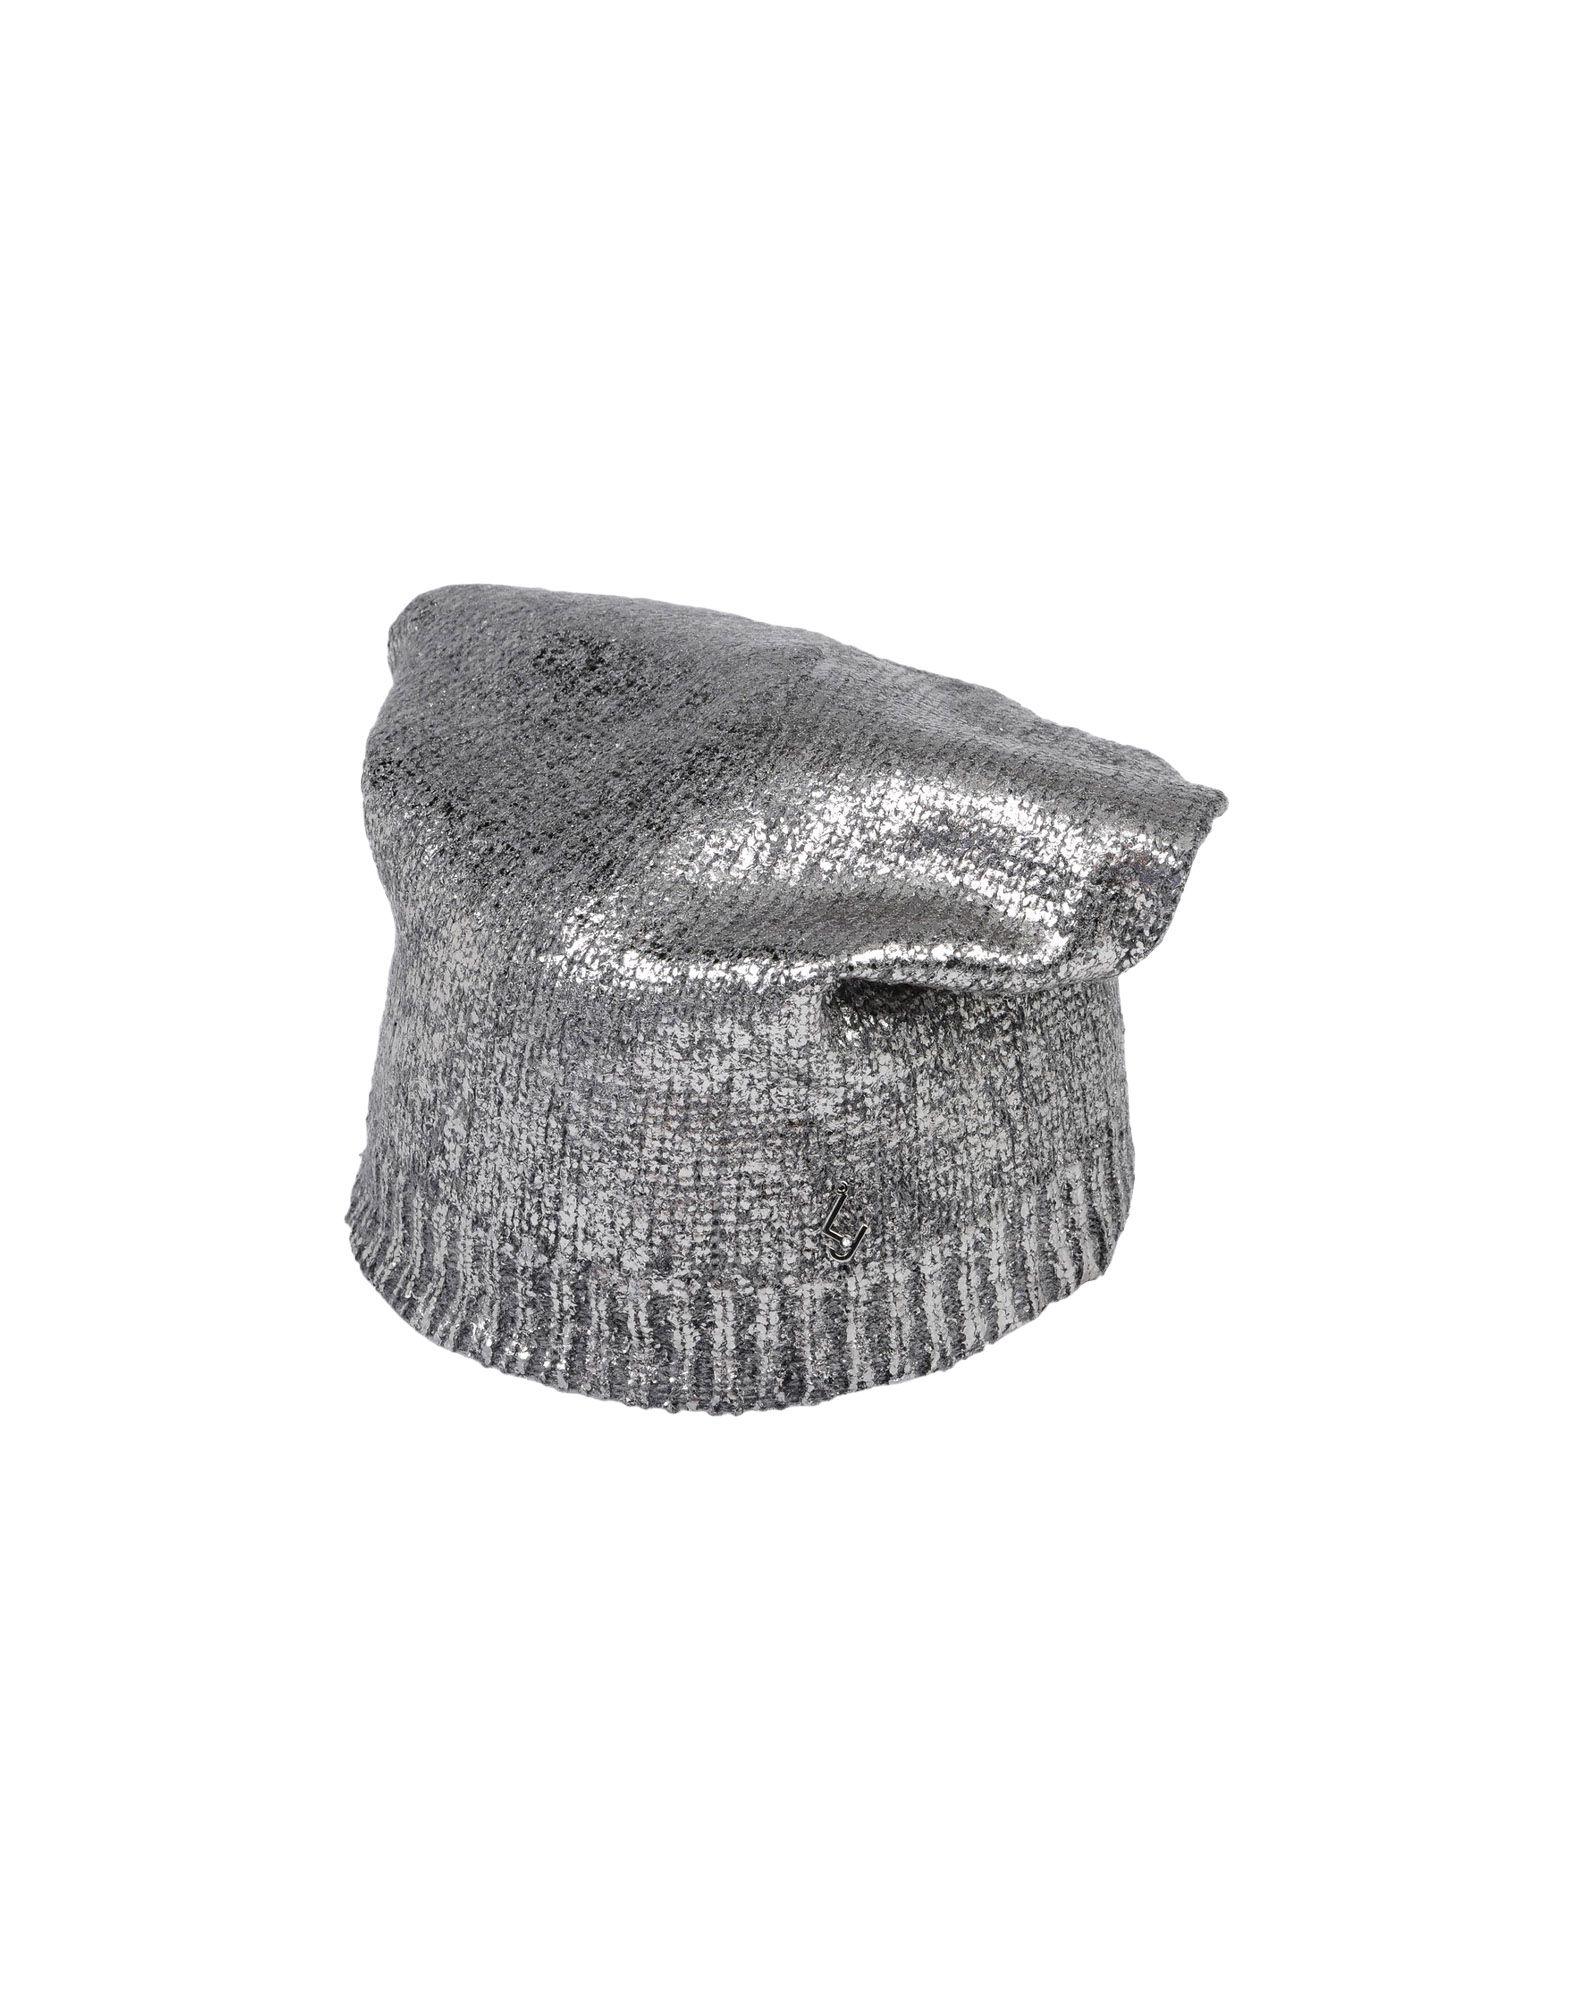 low priced aed2d 98031 LIU •JO Hat - Accessories | YOOX.COM